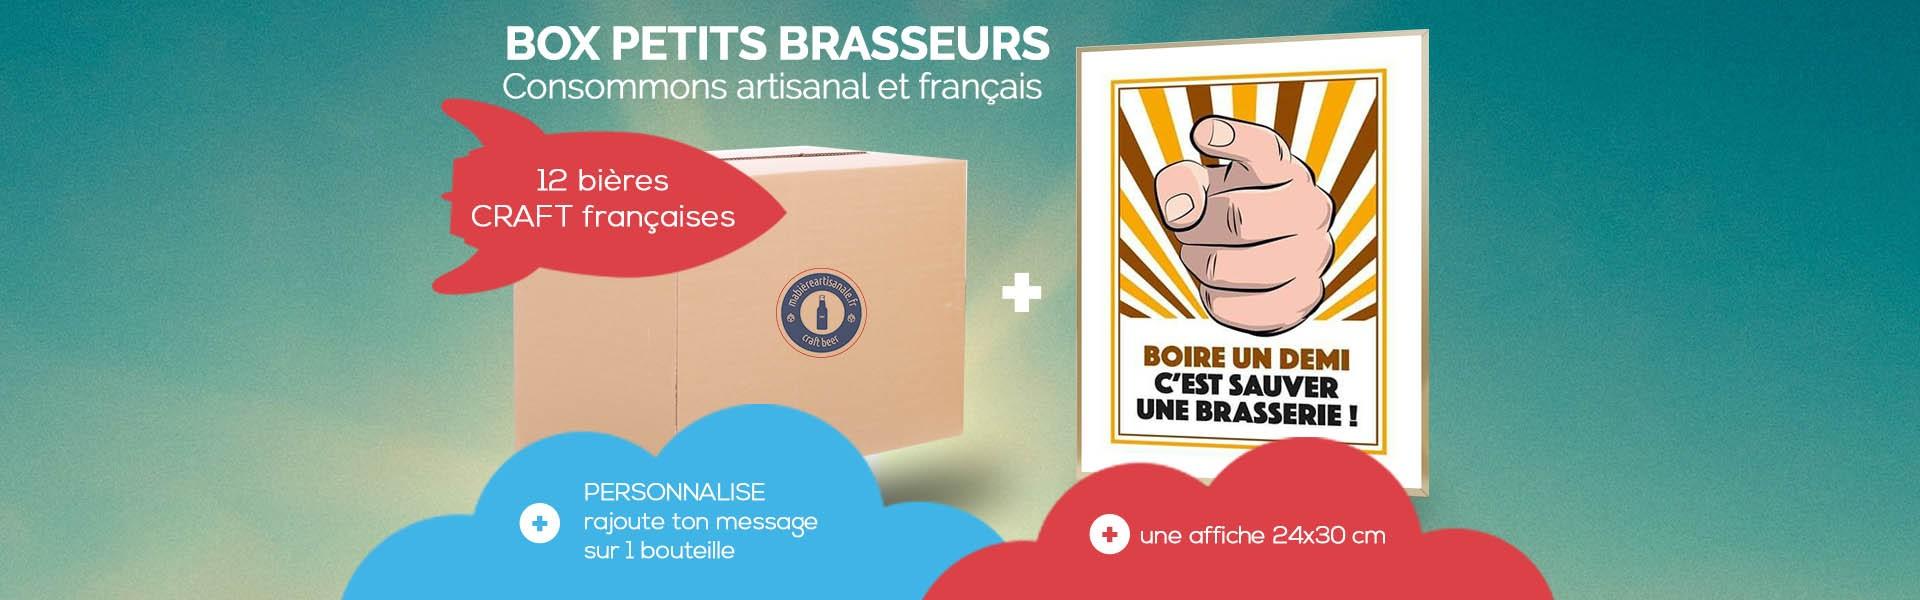 Sélection de 12 bières craft françaises et une affiche Boire un Demi c'est Sauver une microbrasserie